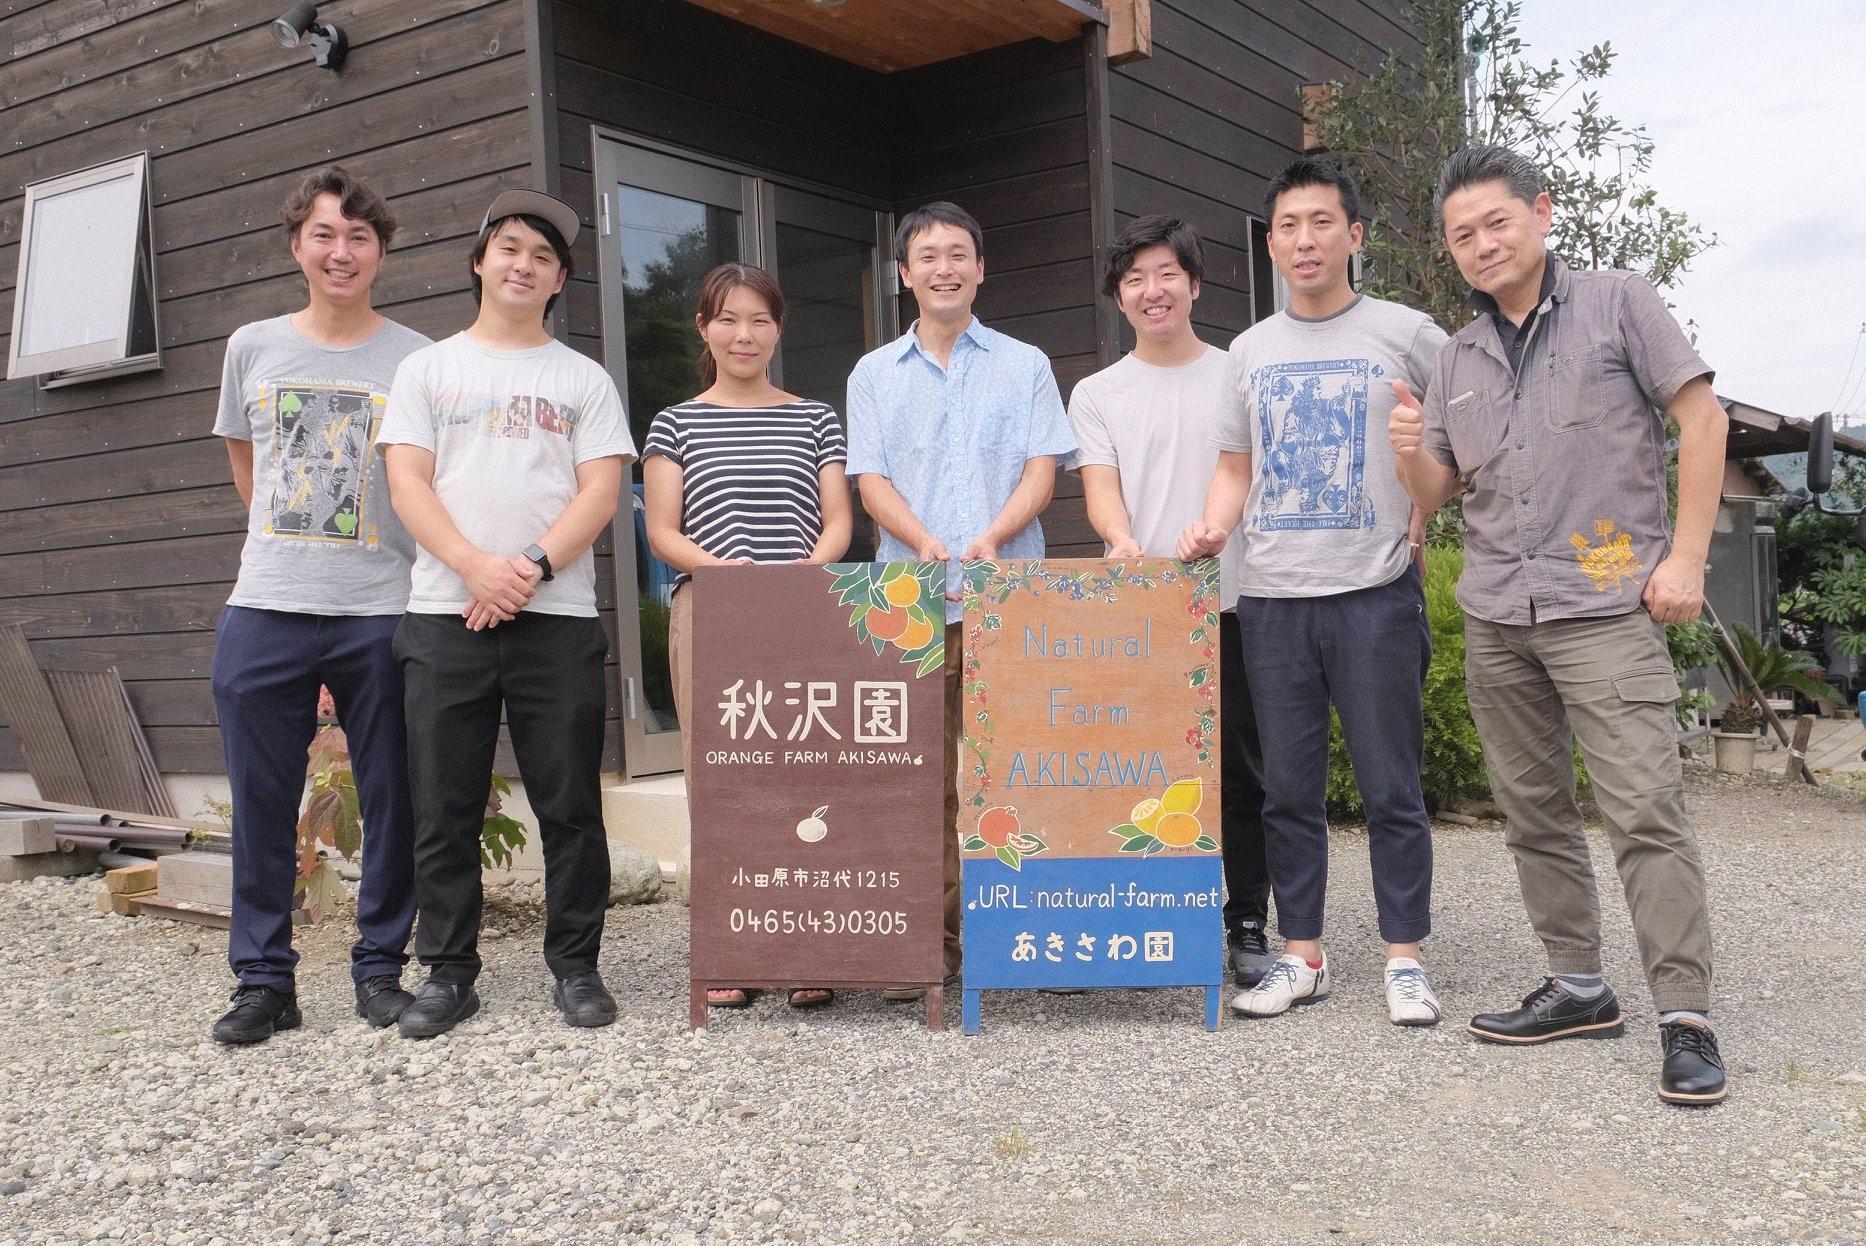 """連載「ヨコビ の""""かお""""」 第四回 「あきさわ園」秋澤史隆さん 歴史と現在、そして未来へ繋ぐみかん栽培への想い。"""